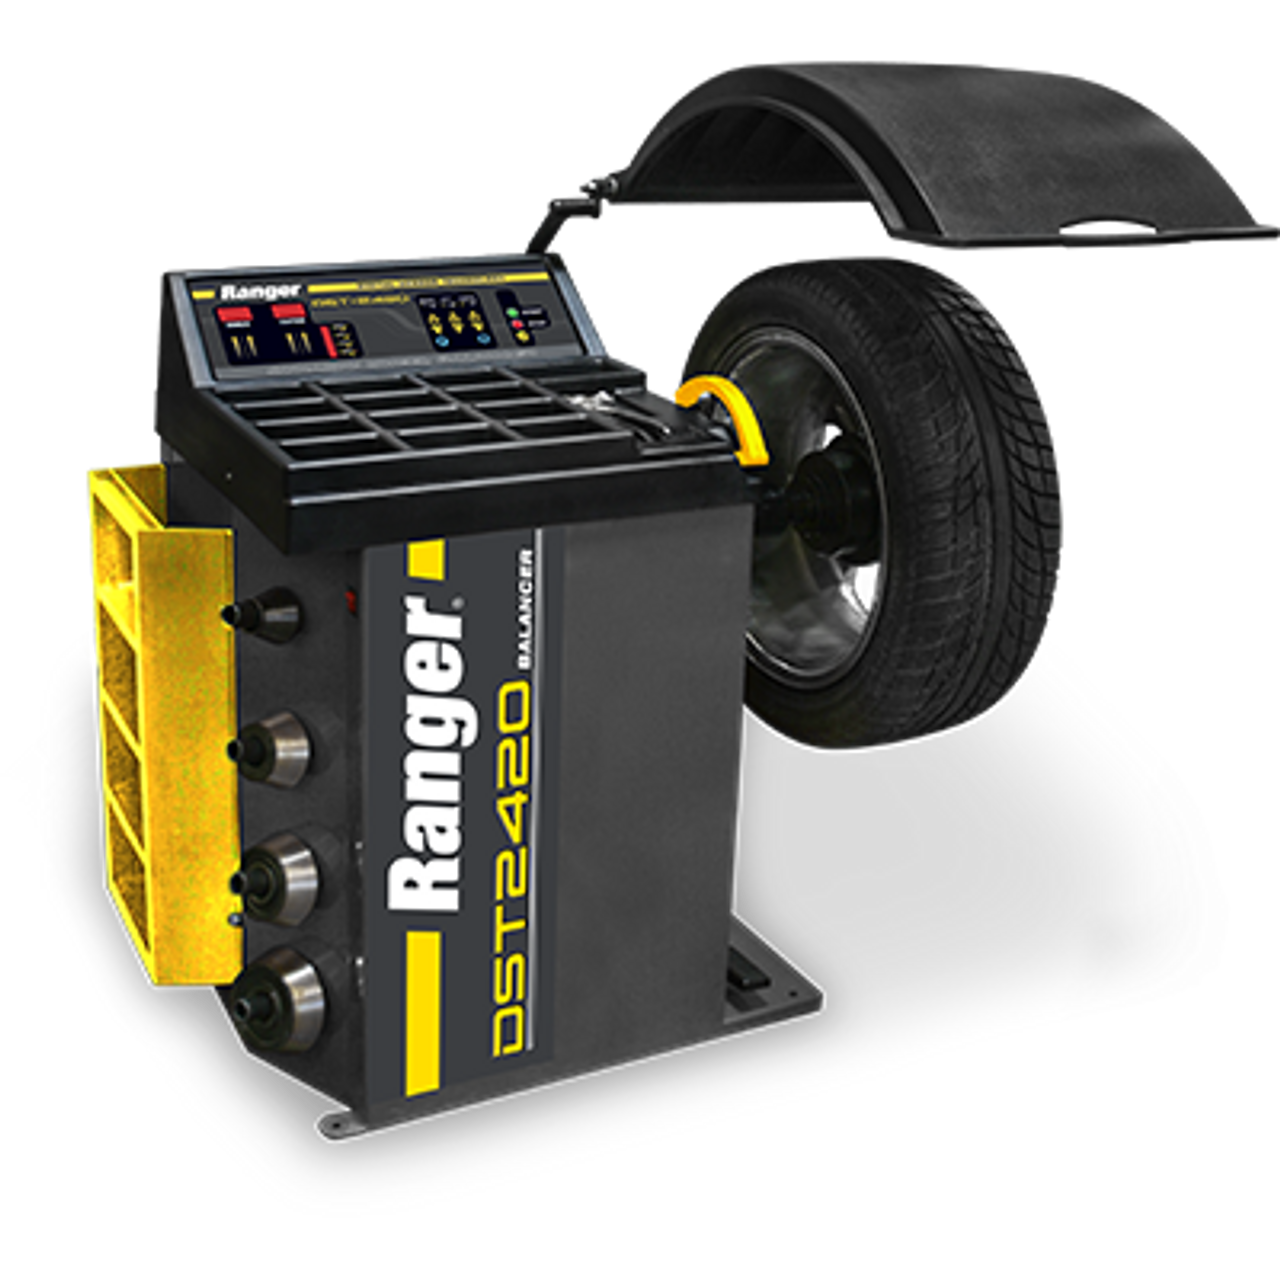 RANGER DST-2420 Wheel Balancer